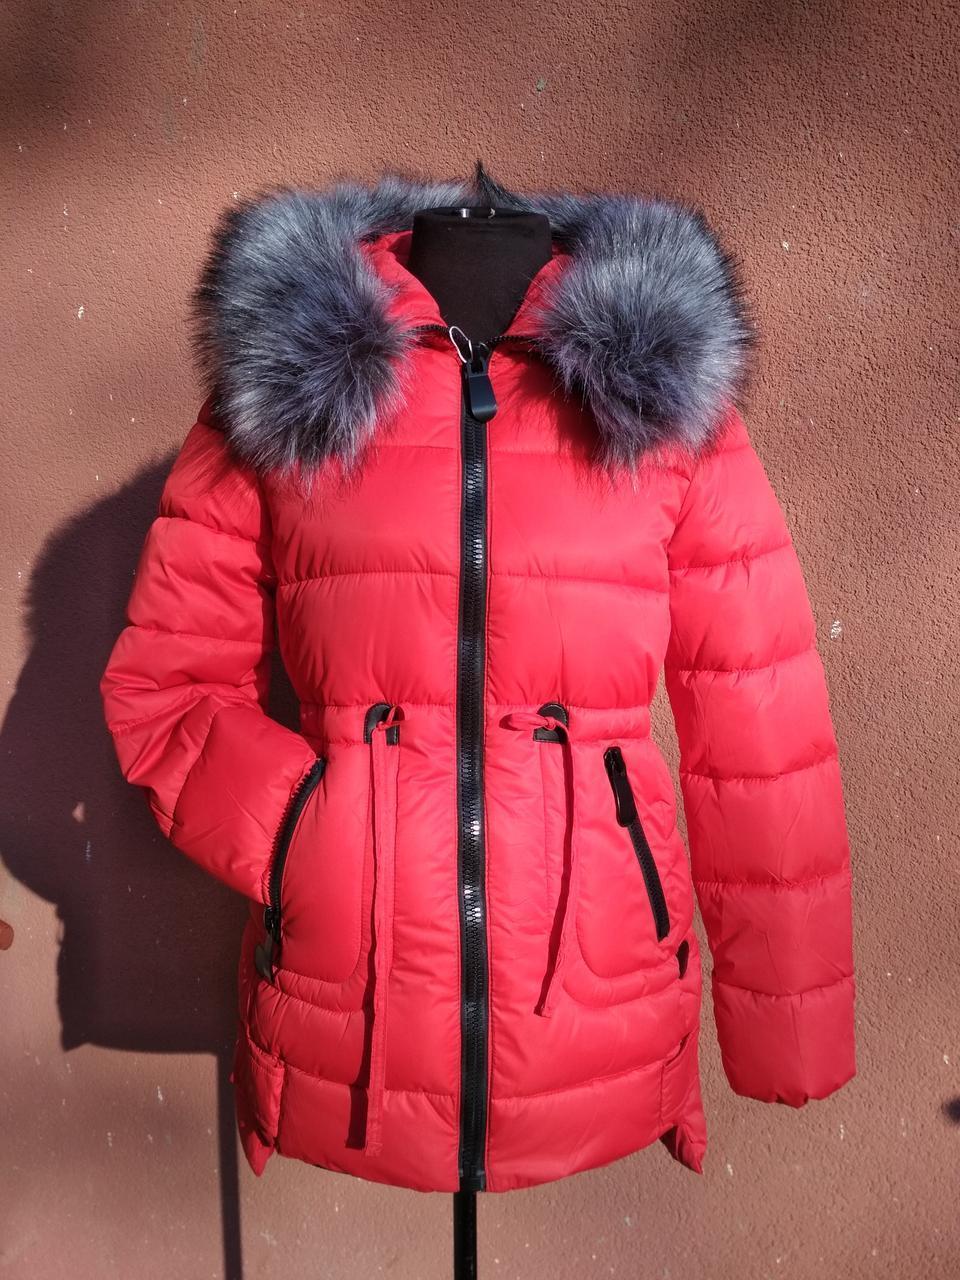 Яскрава молодіжна куртка-парка Garoff, червона